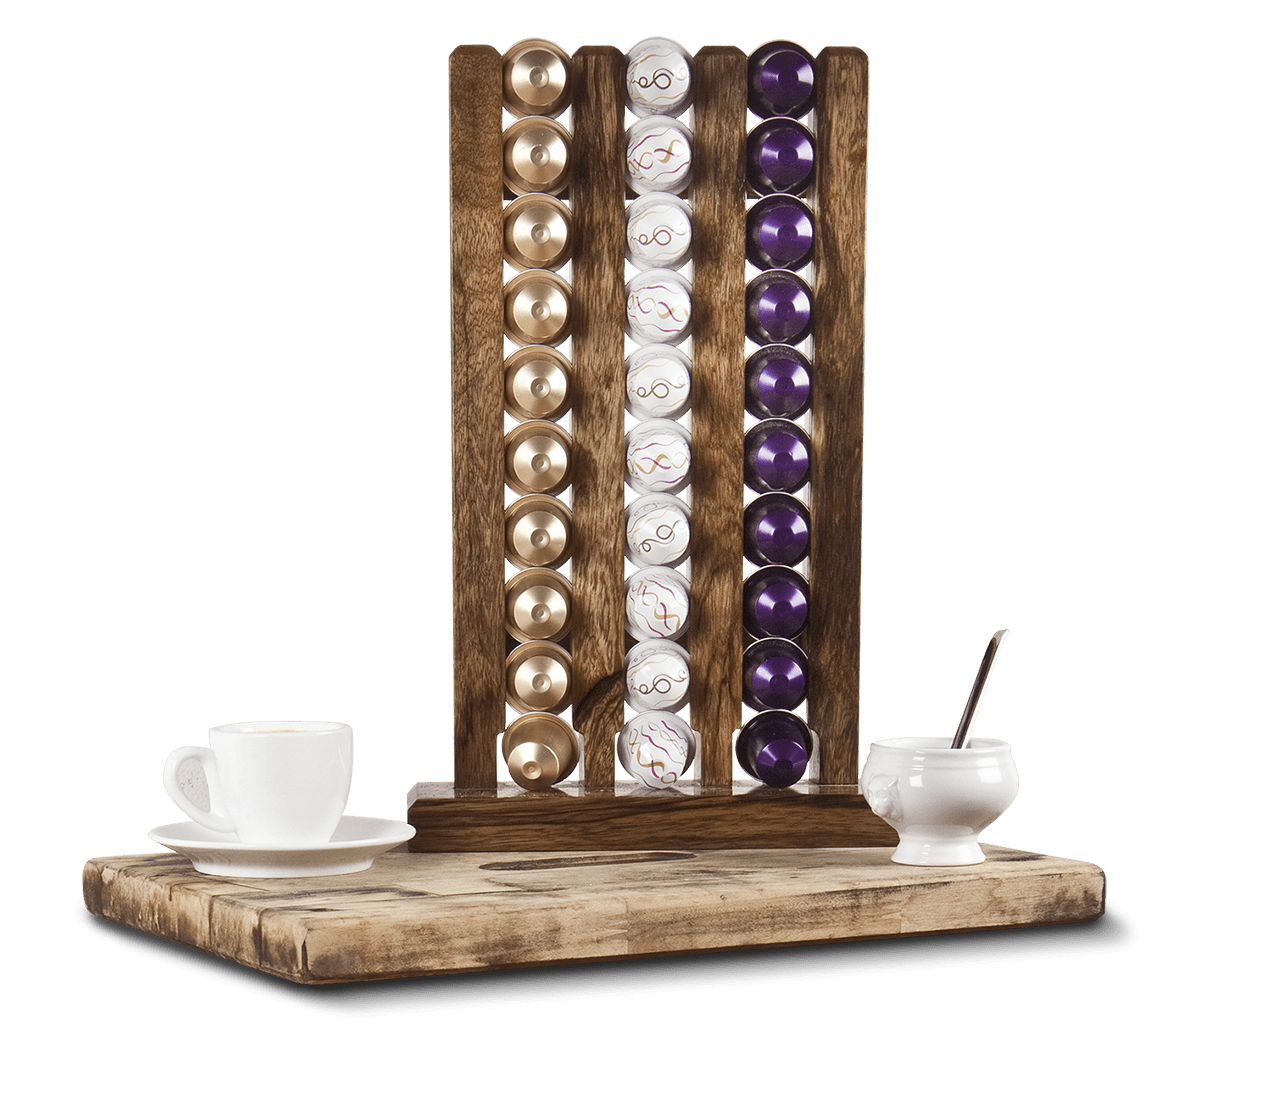 לוסידו מתקן קפסולות קפה